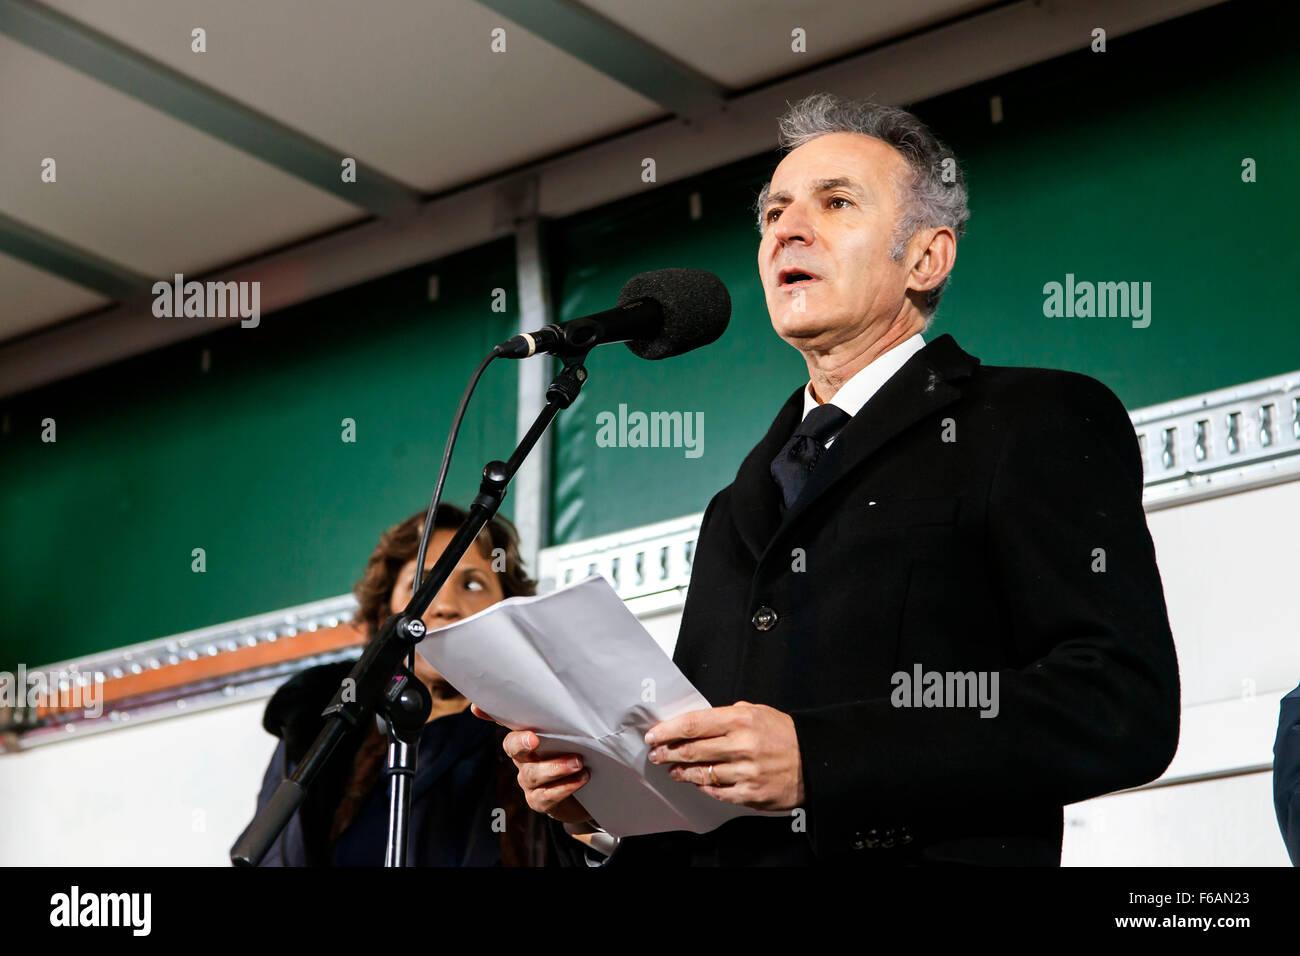 Copenhague, Dinamarca. El 15 de noviembre de 2015. El embajador de Francia en Denmarrk, François Zimeray, habla Imagen De Stock